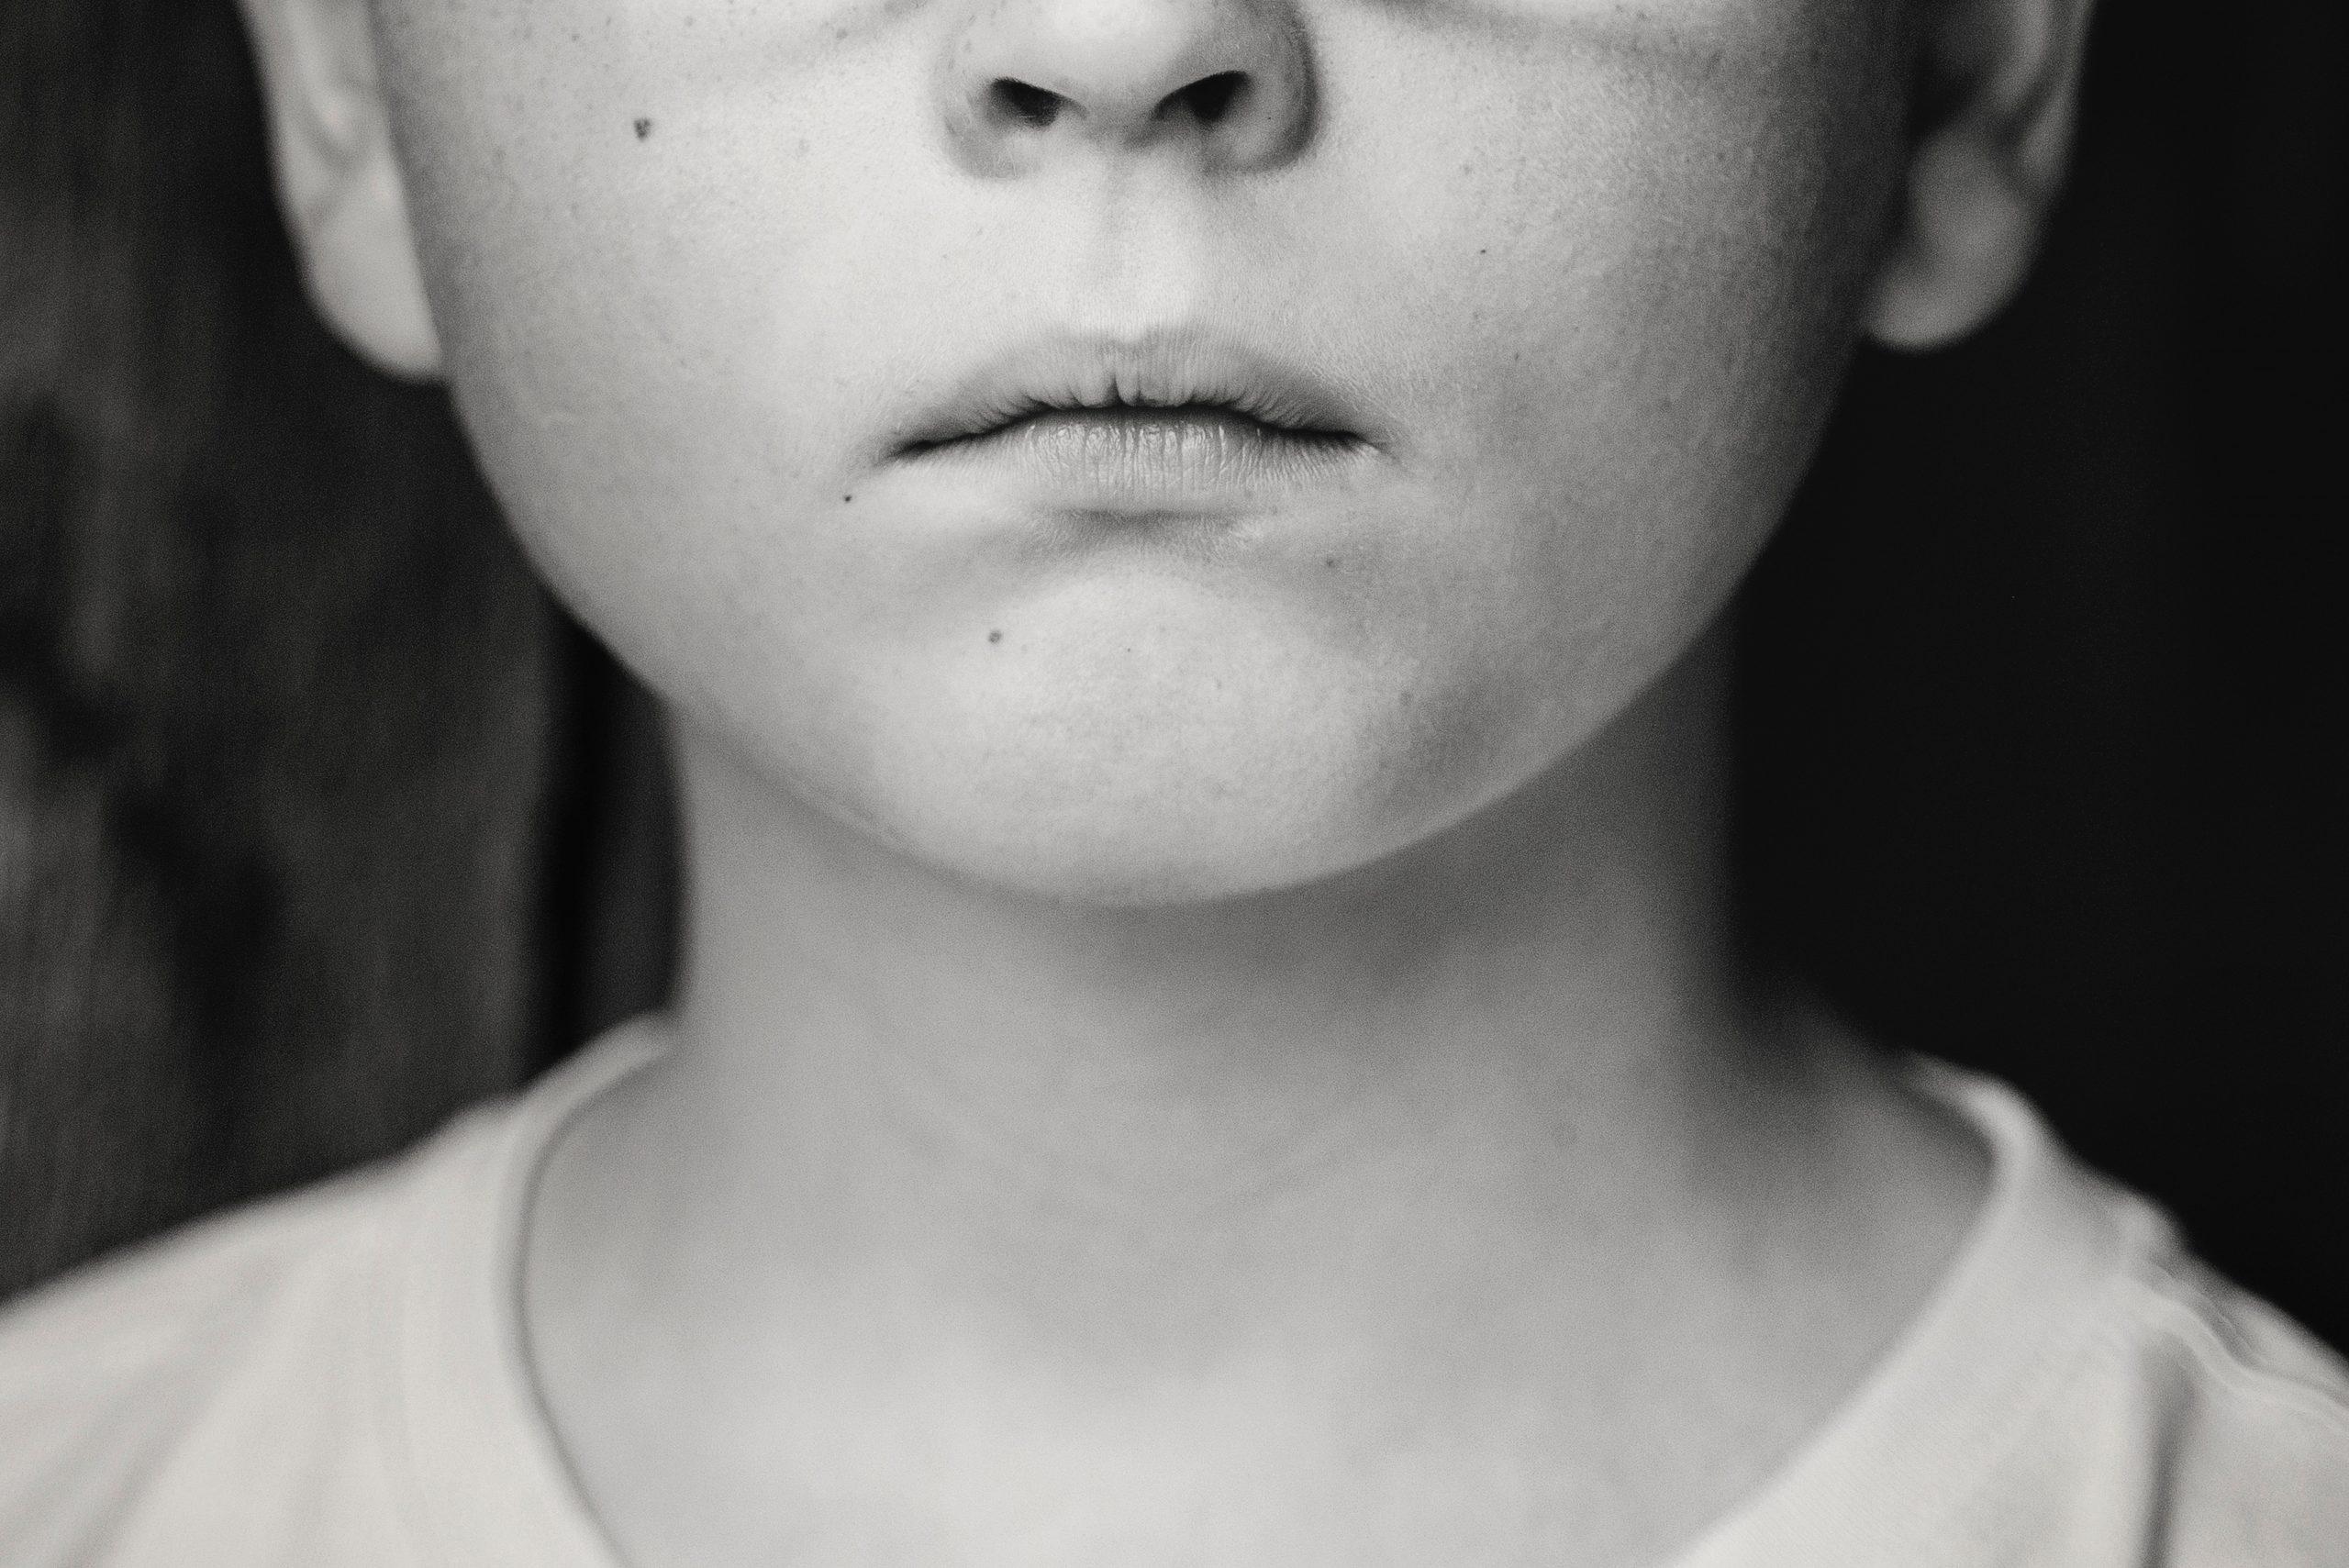 Abuso contra criança e adolescente